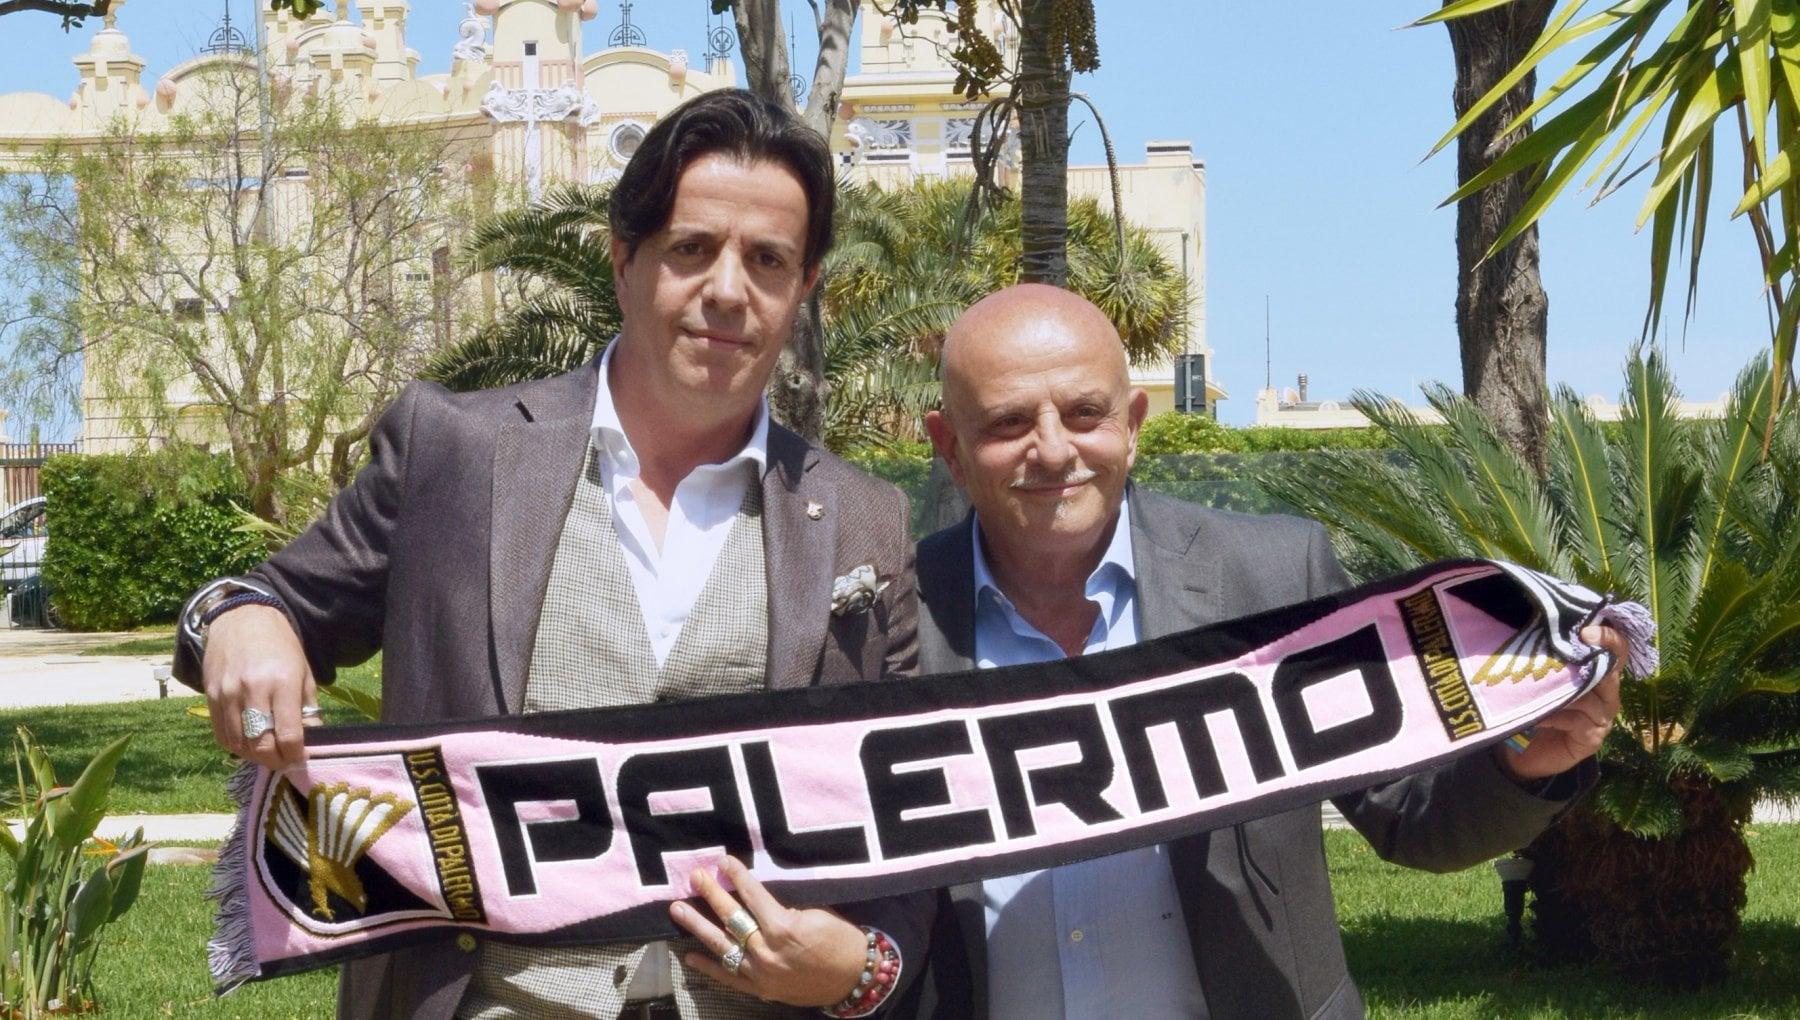 Linchiesta sul Palermo calcio i soldi della societa in pacchi di caffe bollette e in una ditta di costruzioni